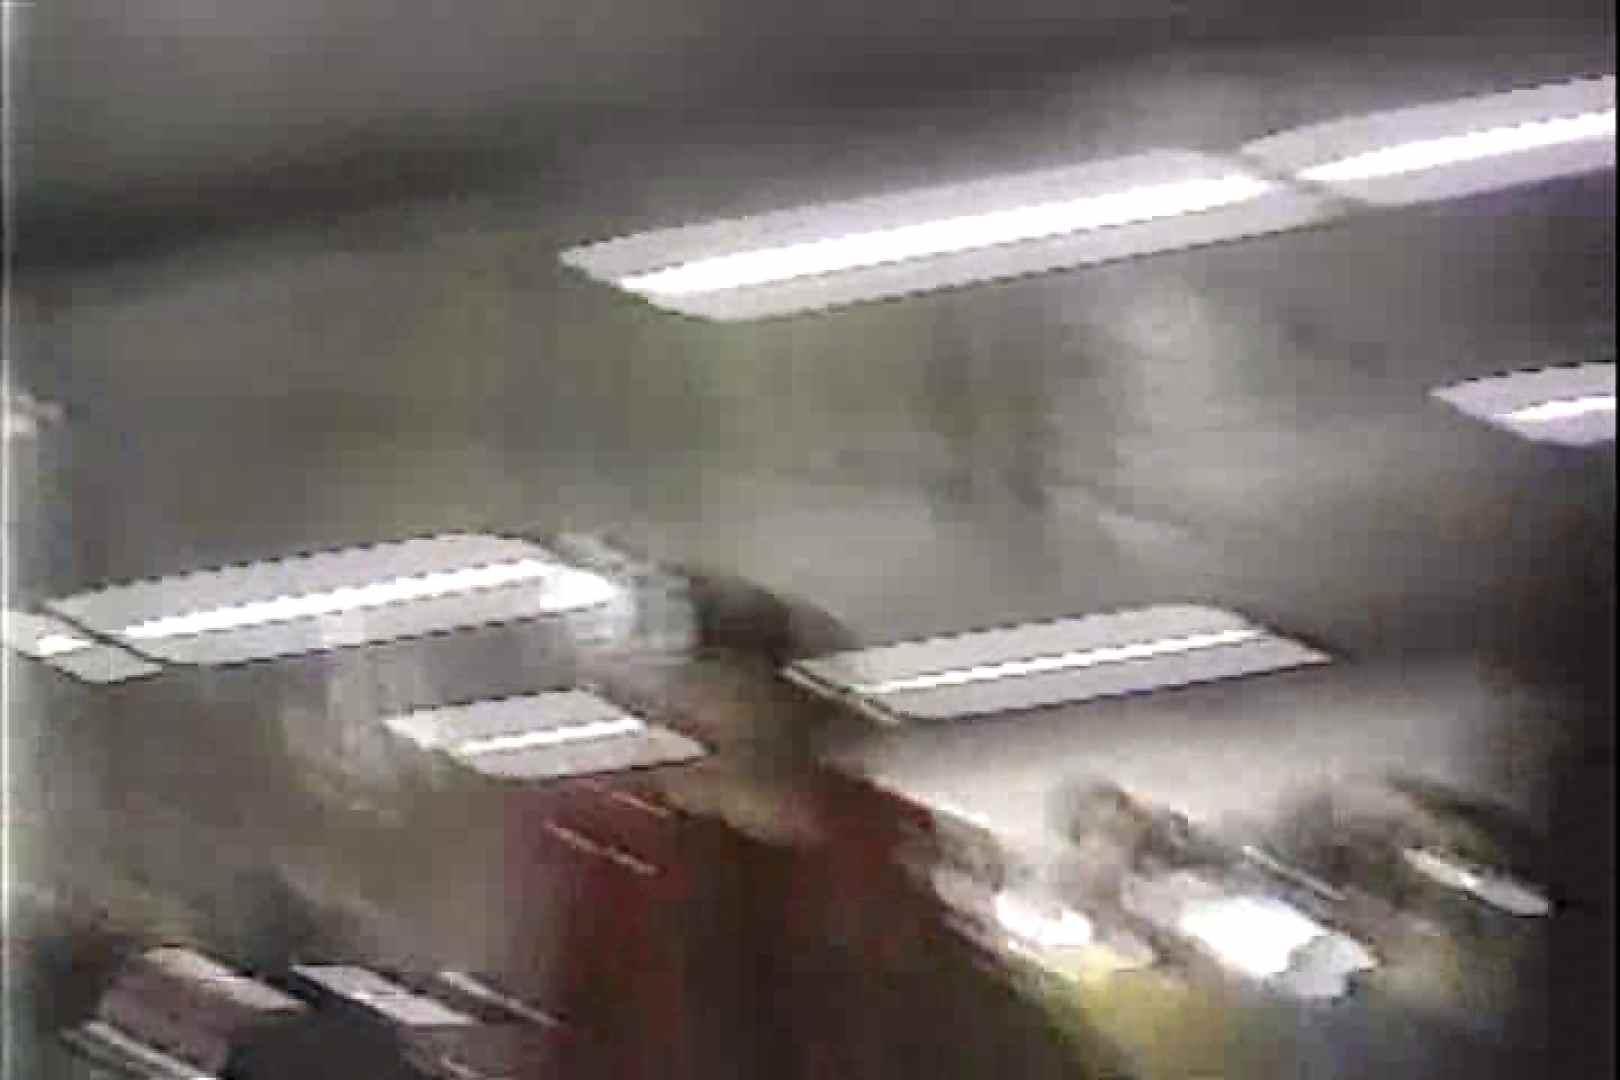 「ちくりん」さんのオリジナル未編集パンチラVol.4_02 チラ歓迎 のぞき動画画像 87pic 23